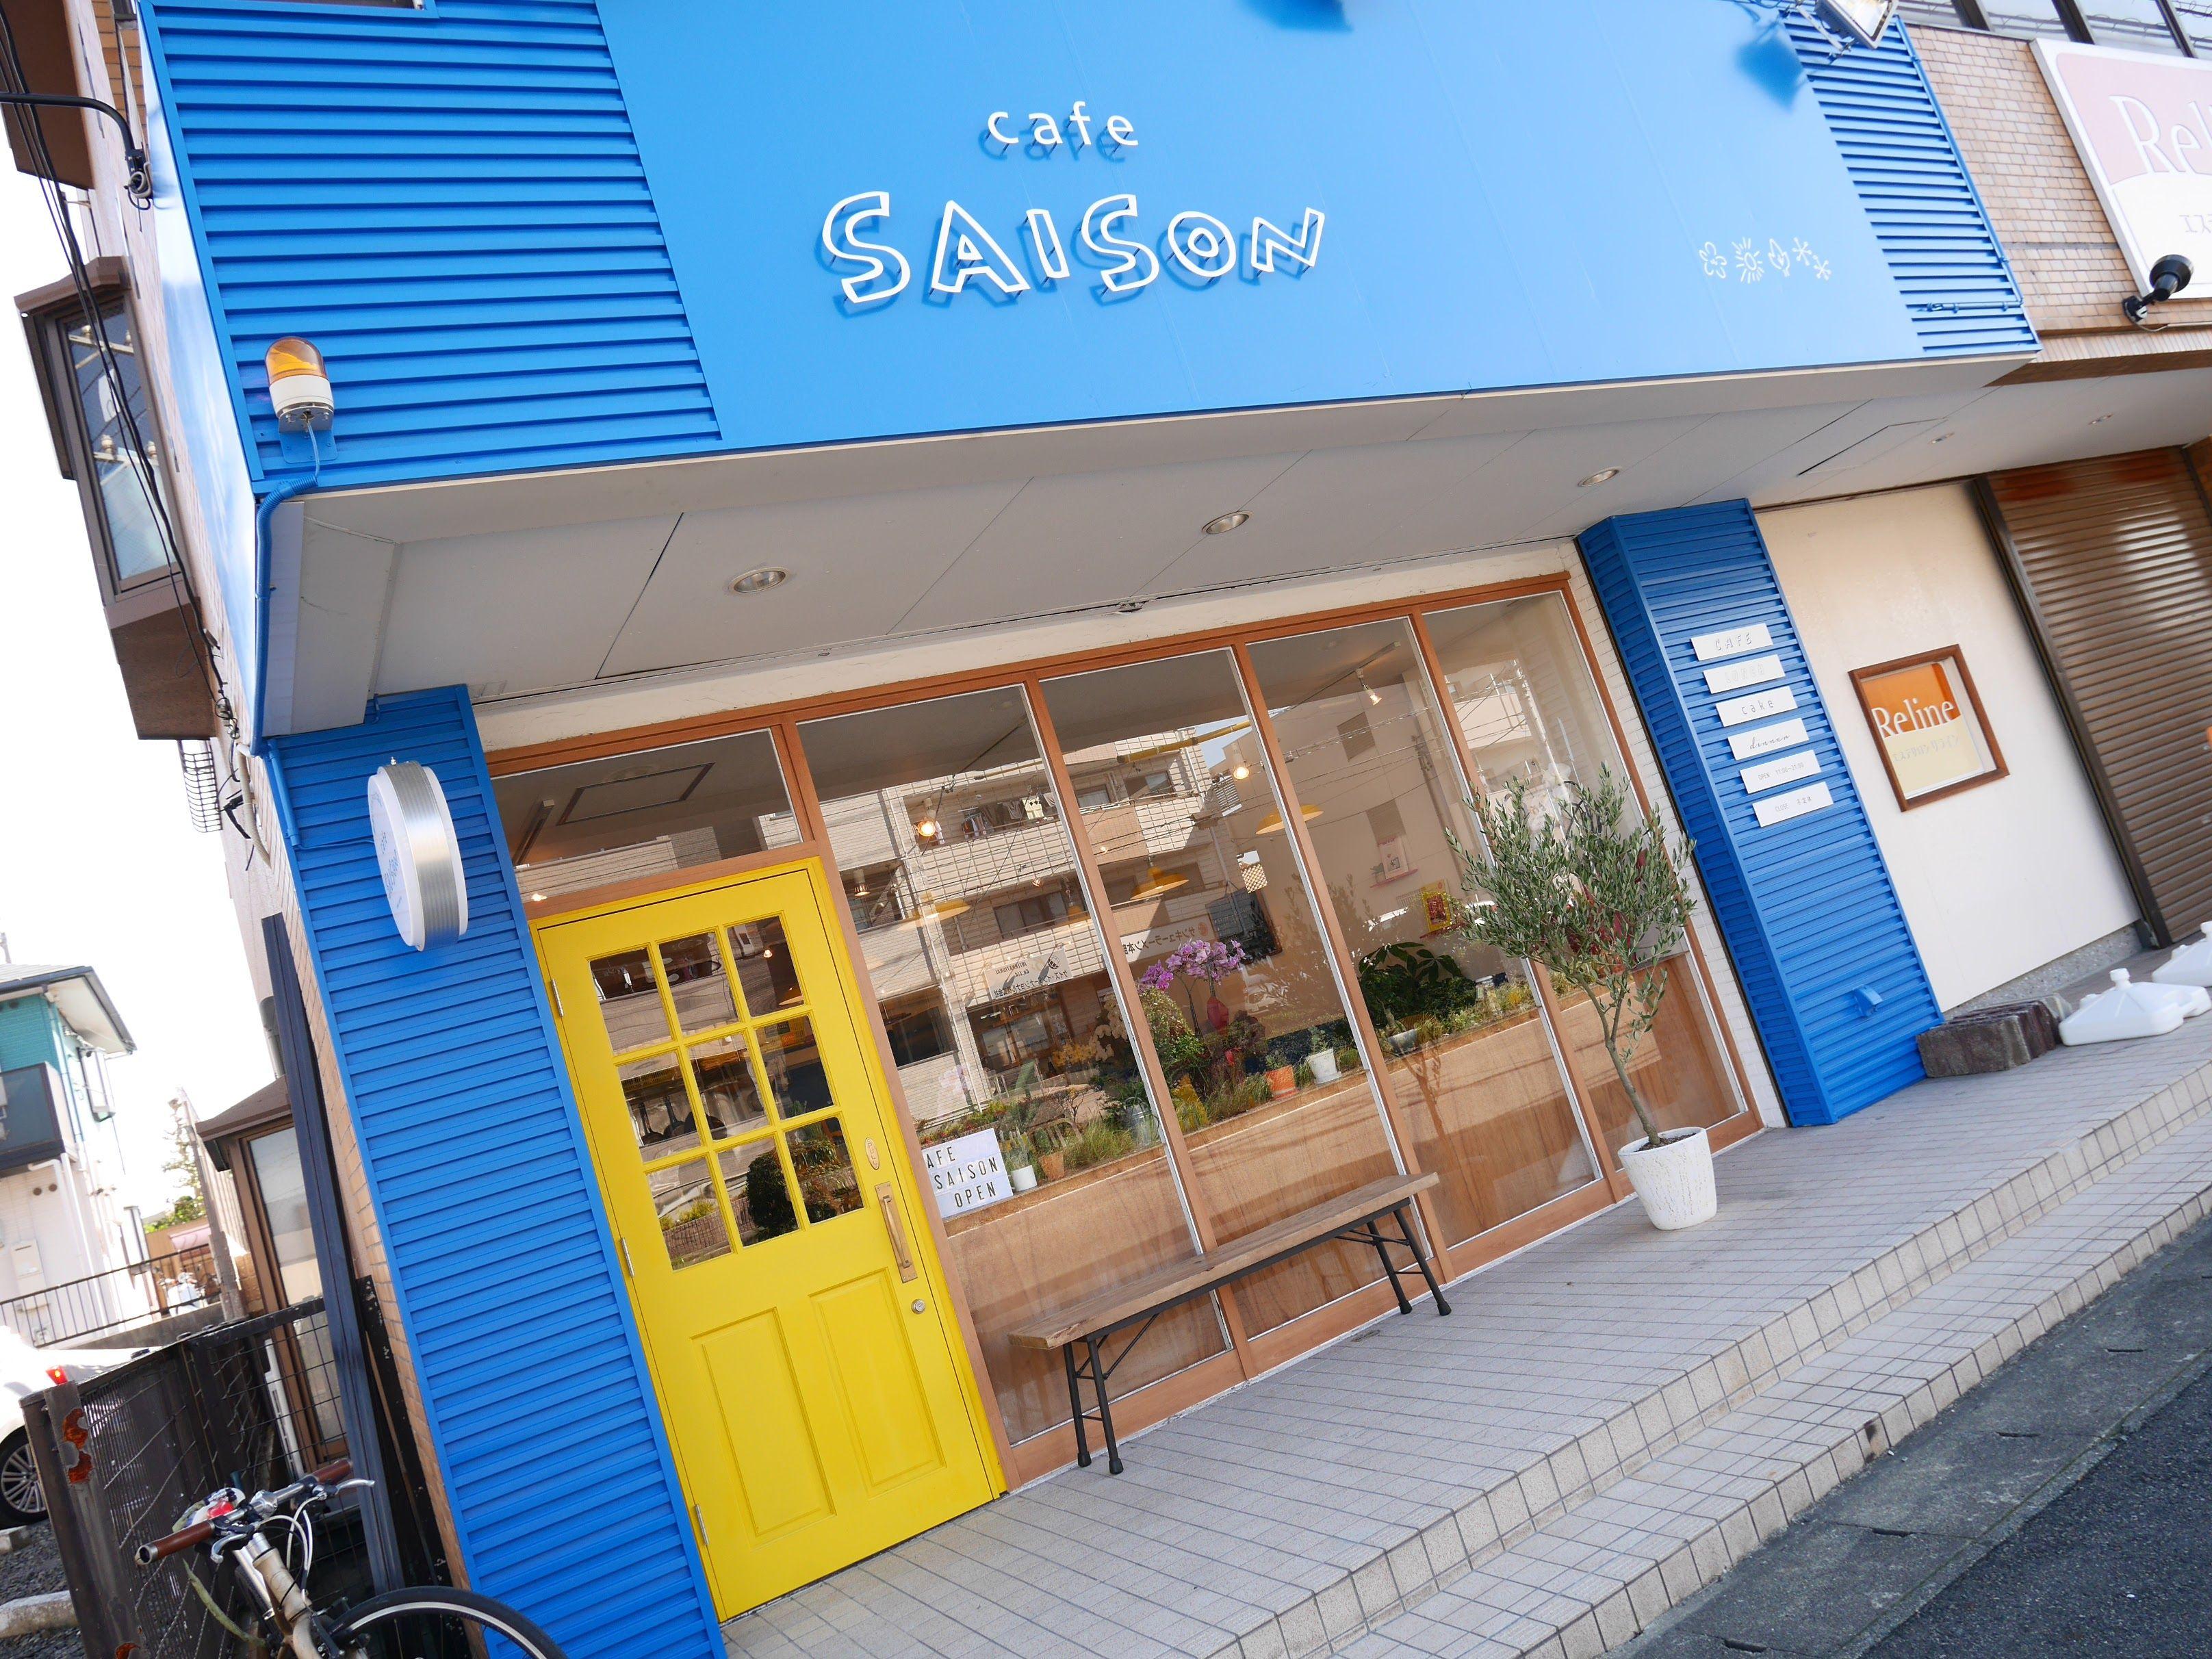 Café SAISON